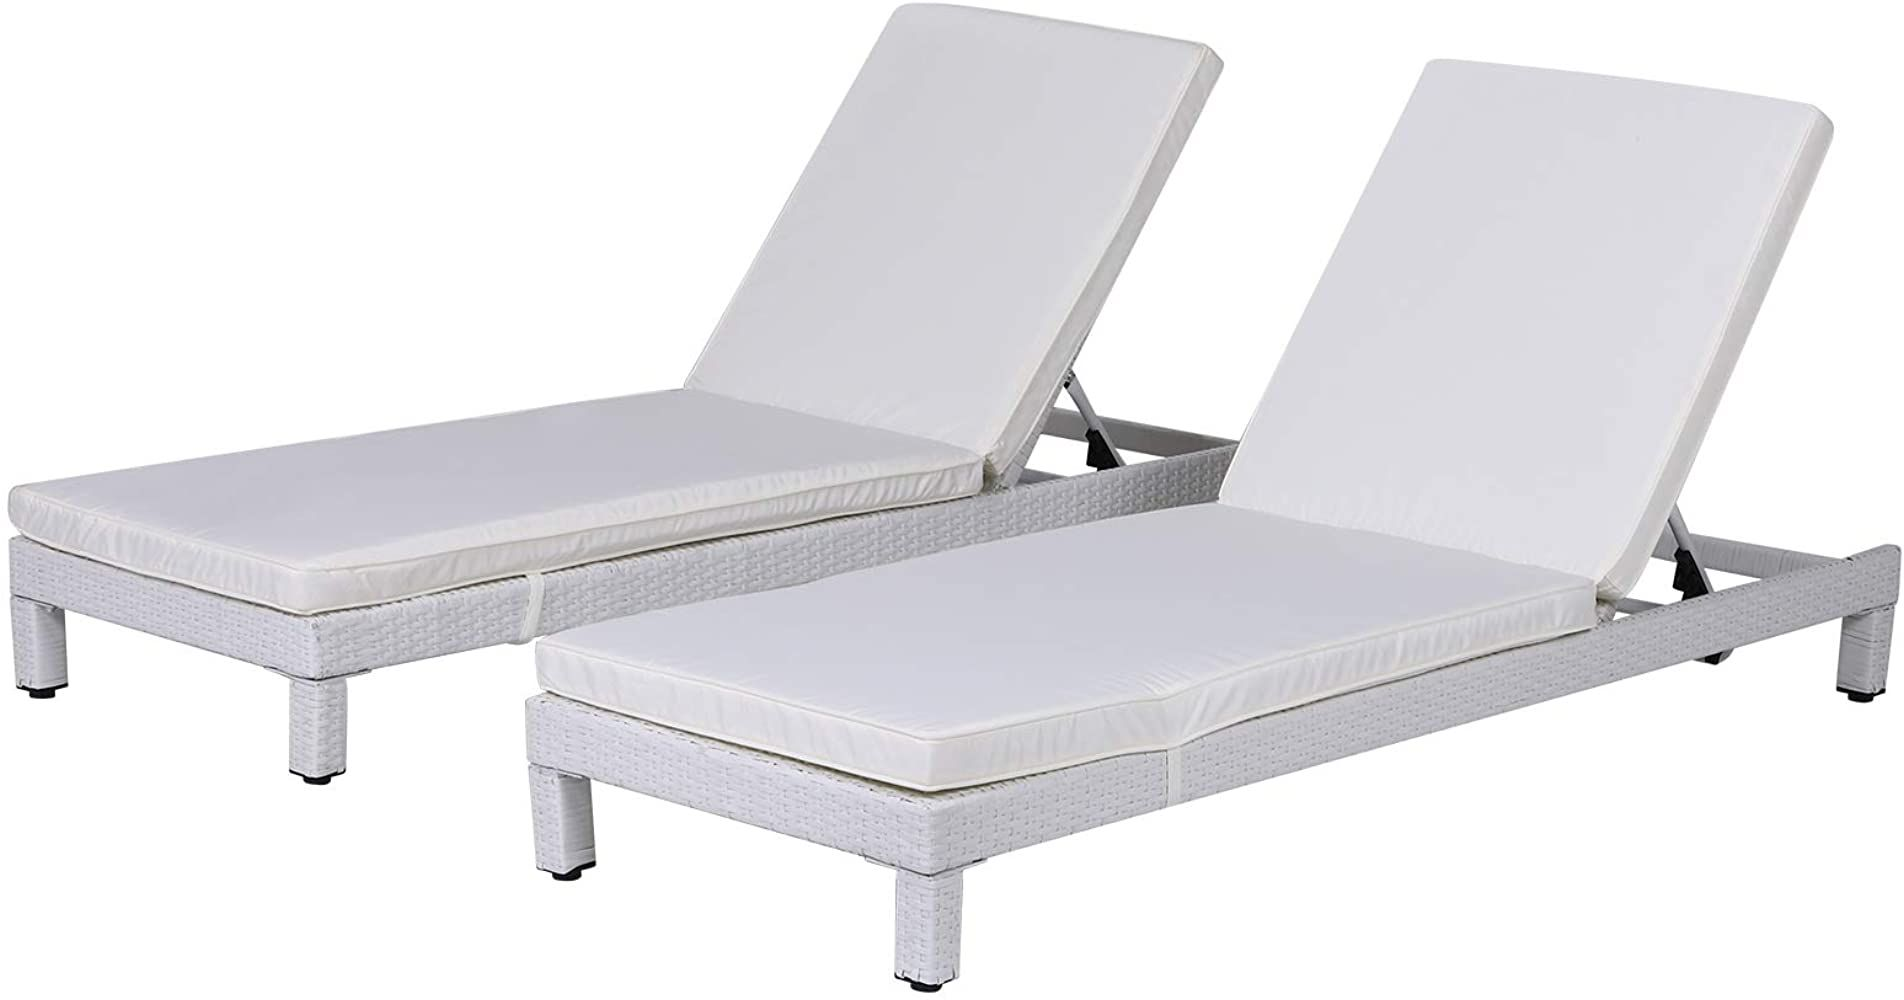 Full Size of Sofa Mit Verstellbarer Sitztiefe Relaxliege Garten Wohnzimmer Wohnzimmer Relaxliege Verstellbar